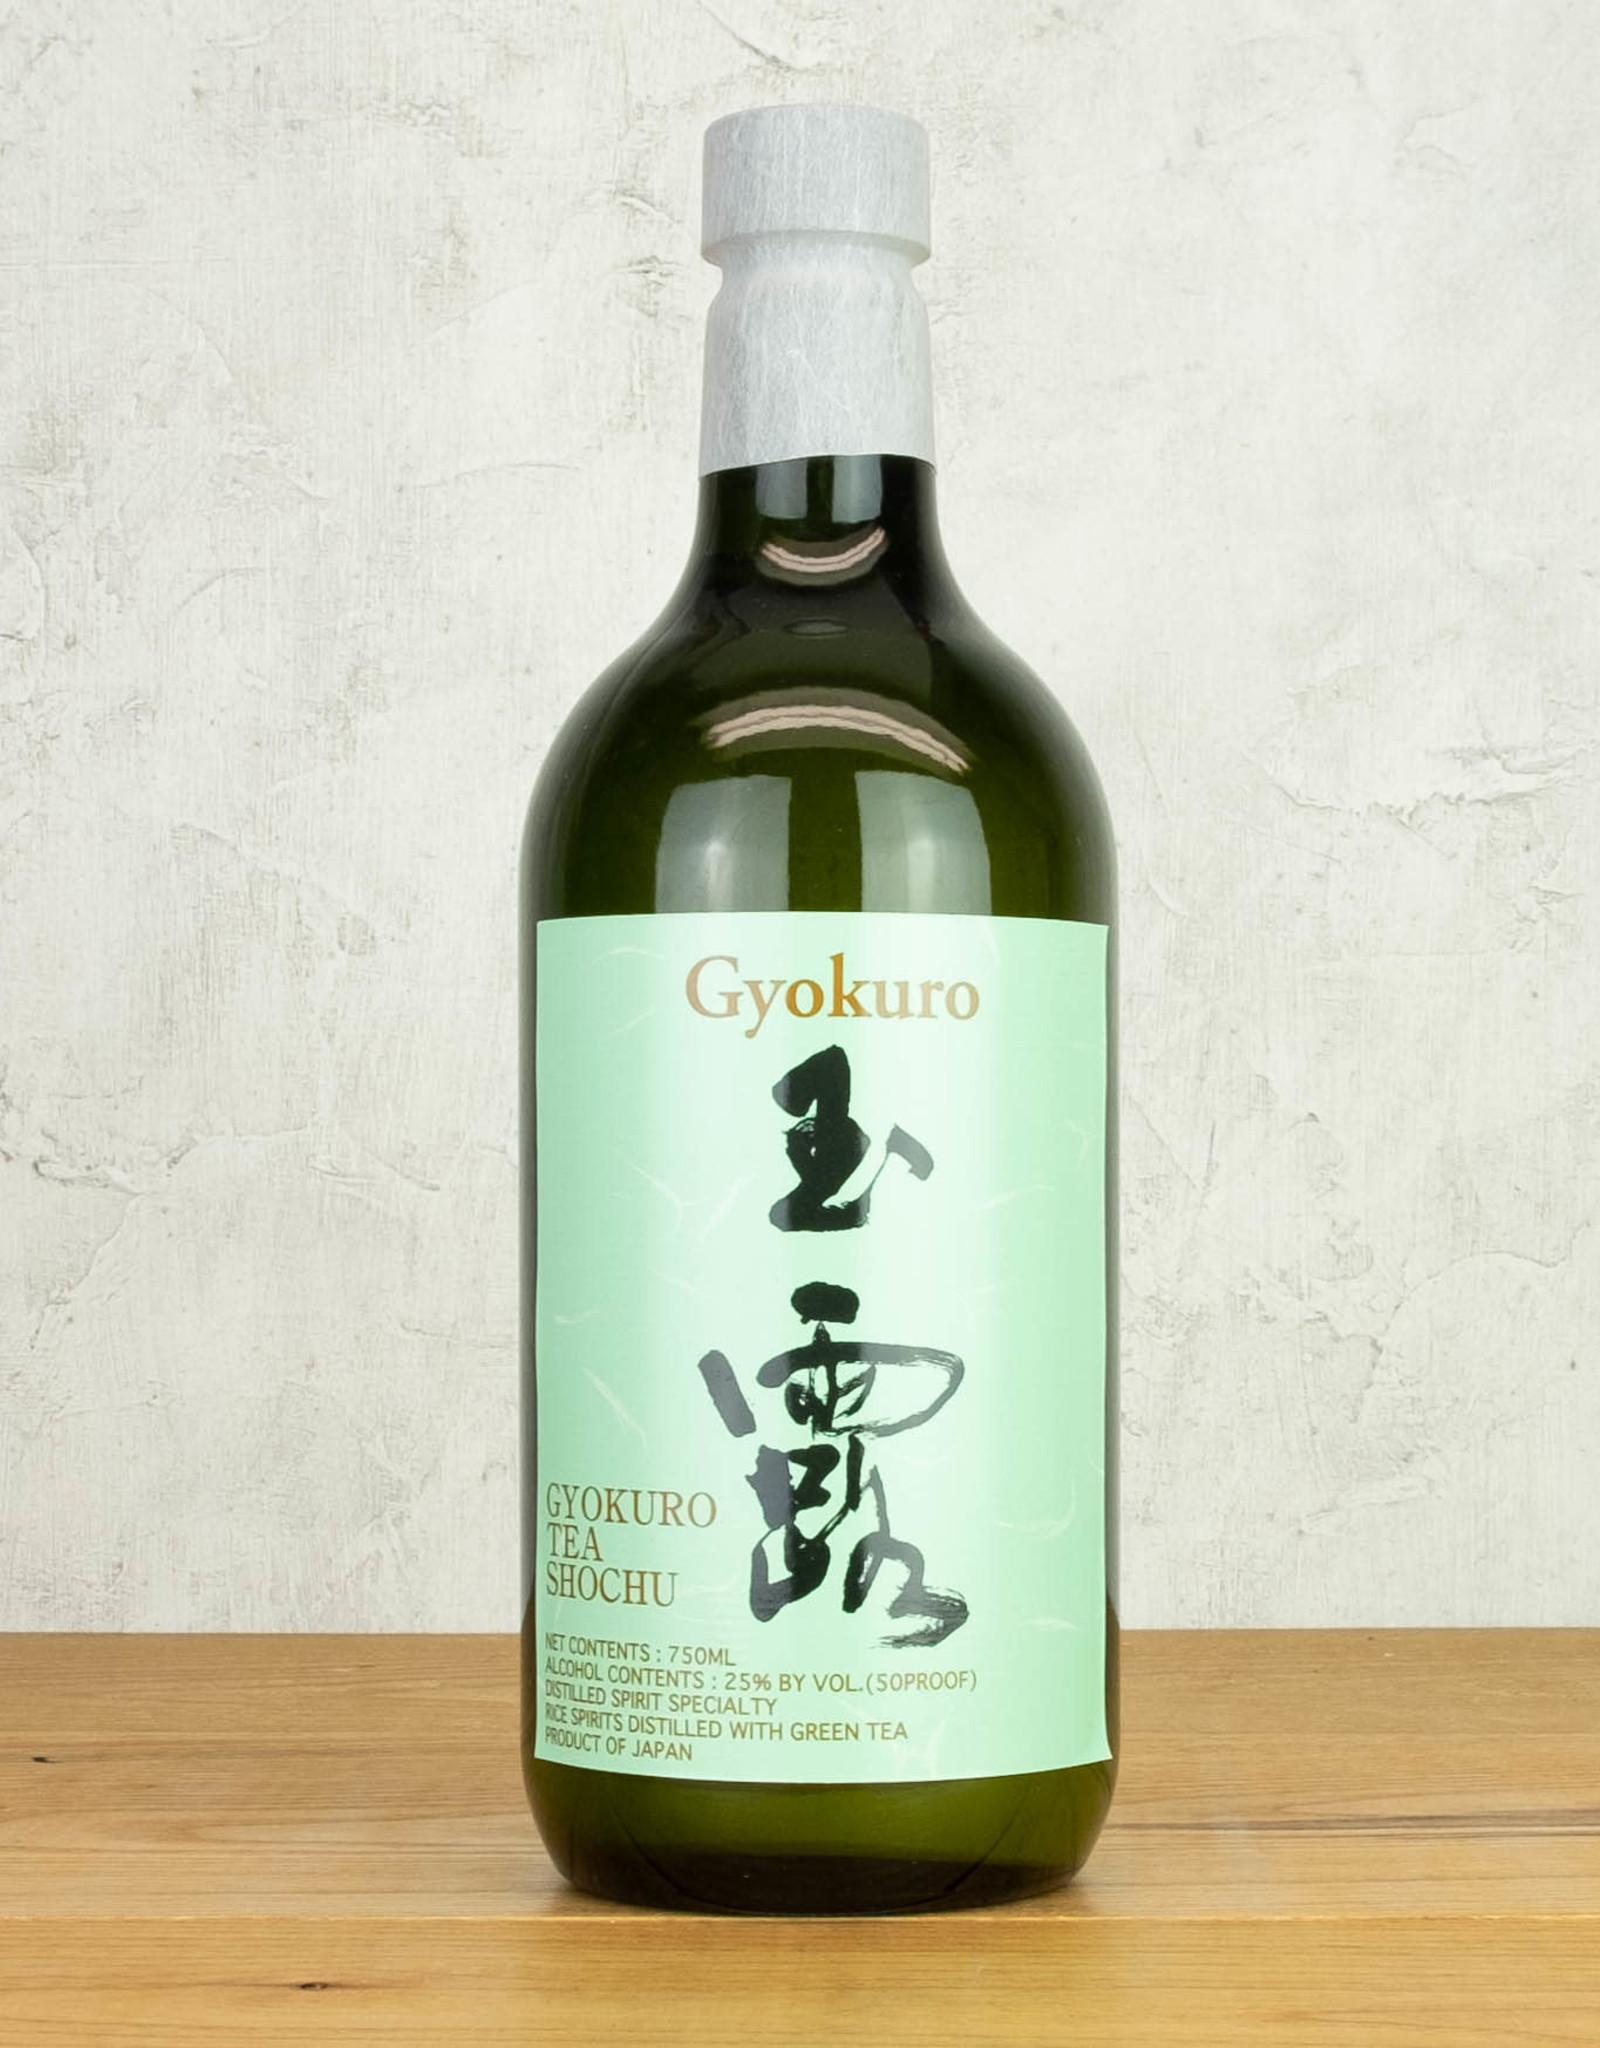 Gyokuro Tea Shochu